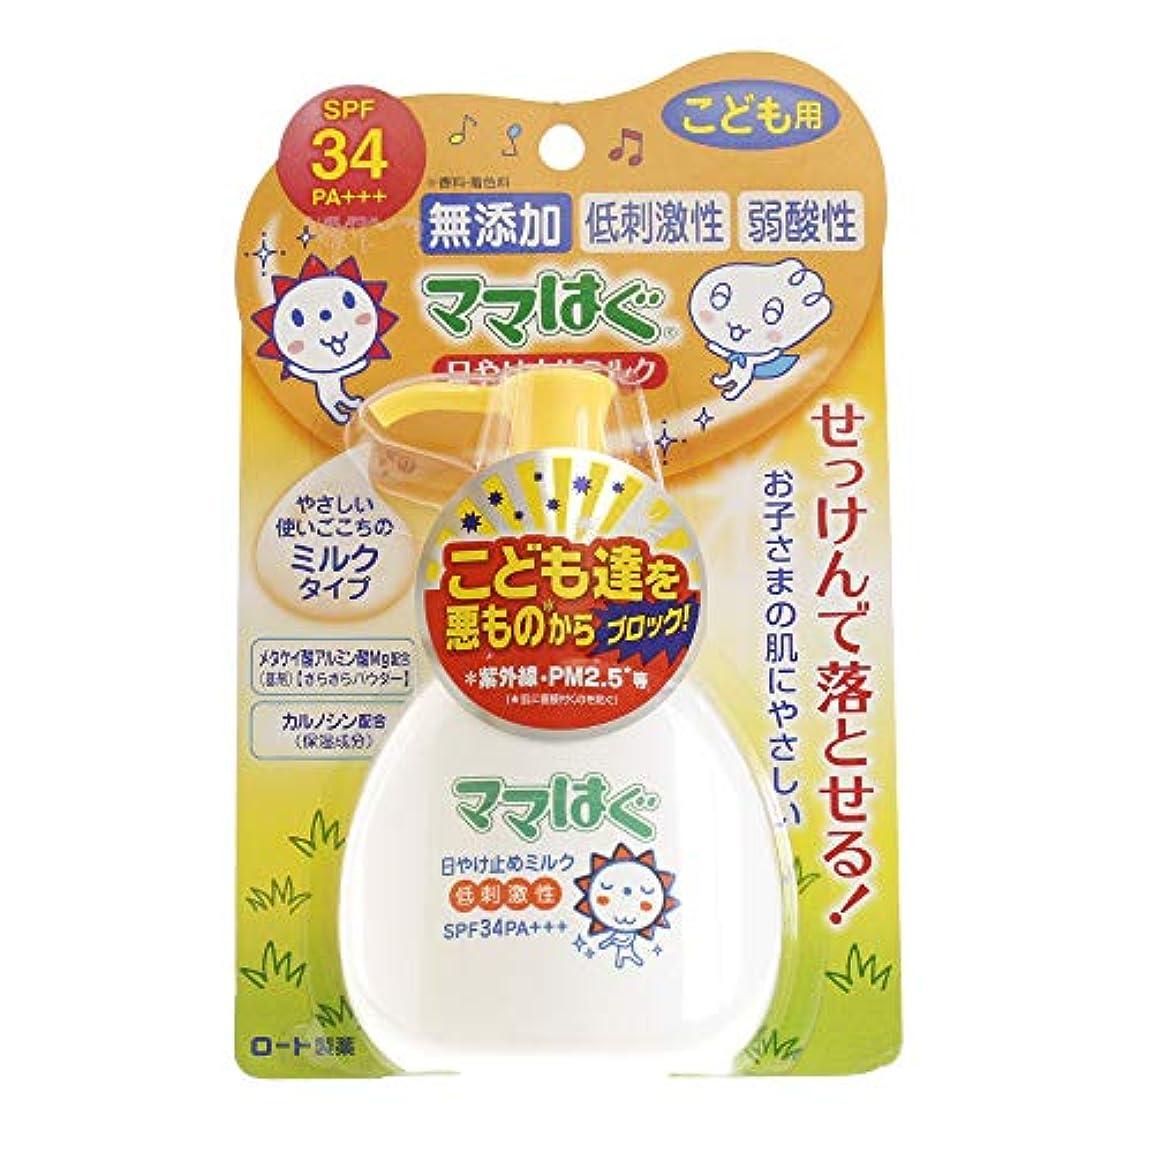 東部エレメンタルコート【ロート製薬】ママはぐ 日やけ止めミルク 100g ×3個セット